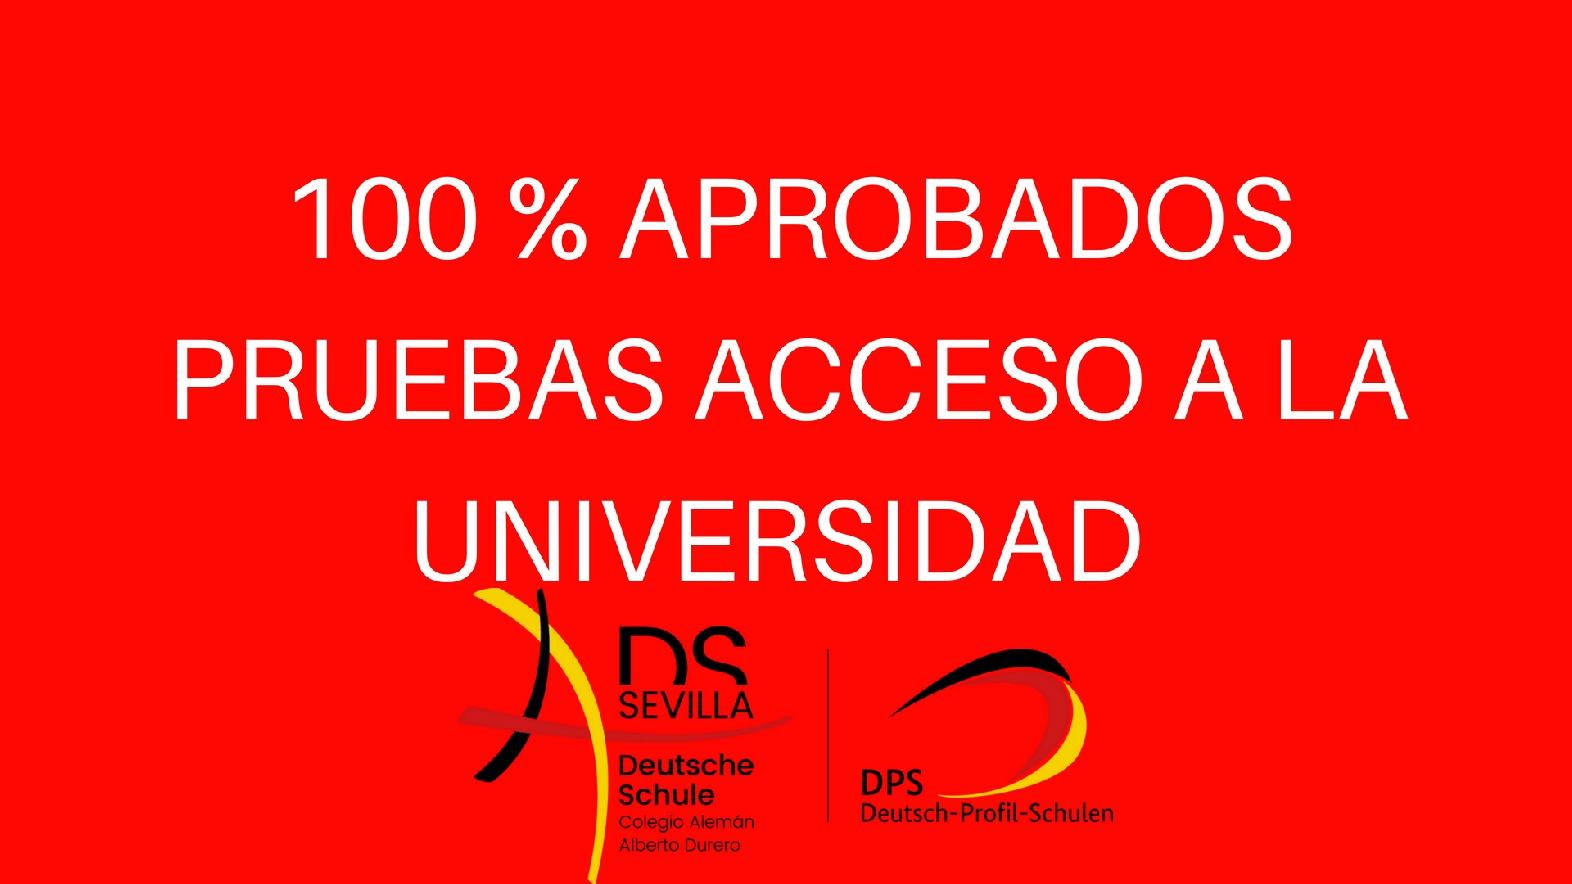 100 % APROBADOS PRUEBA ACCESO A LA UNIVERSIDAD